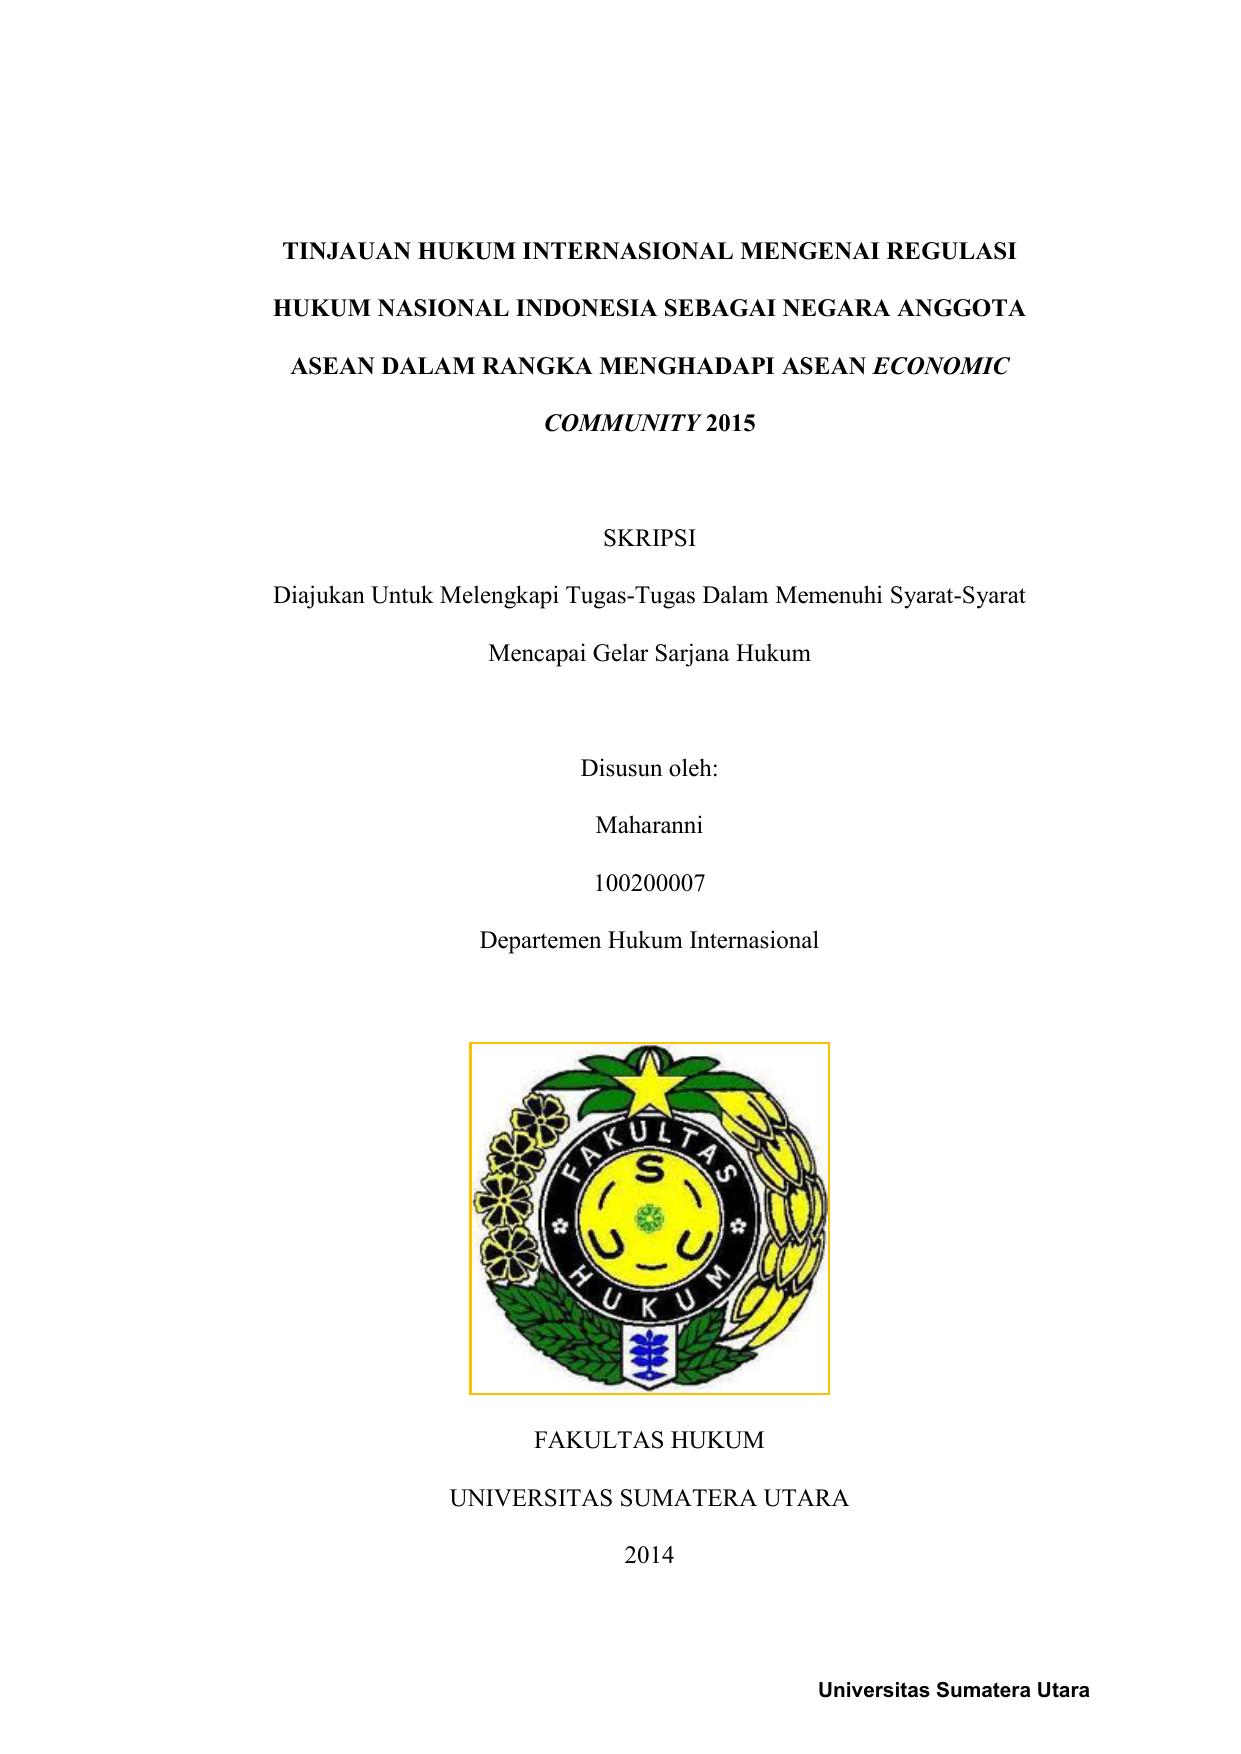 Tinjauan Hukum Internasional Mengenai Regulasi Hukum Nasional